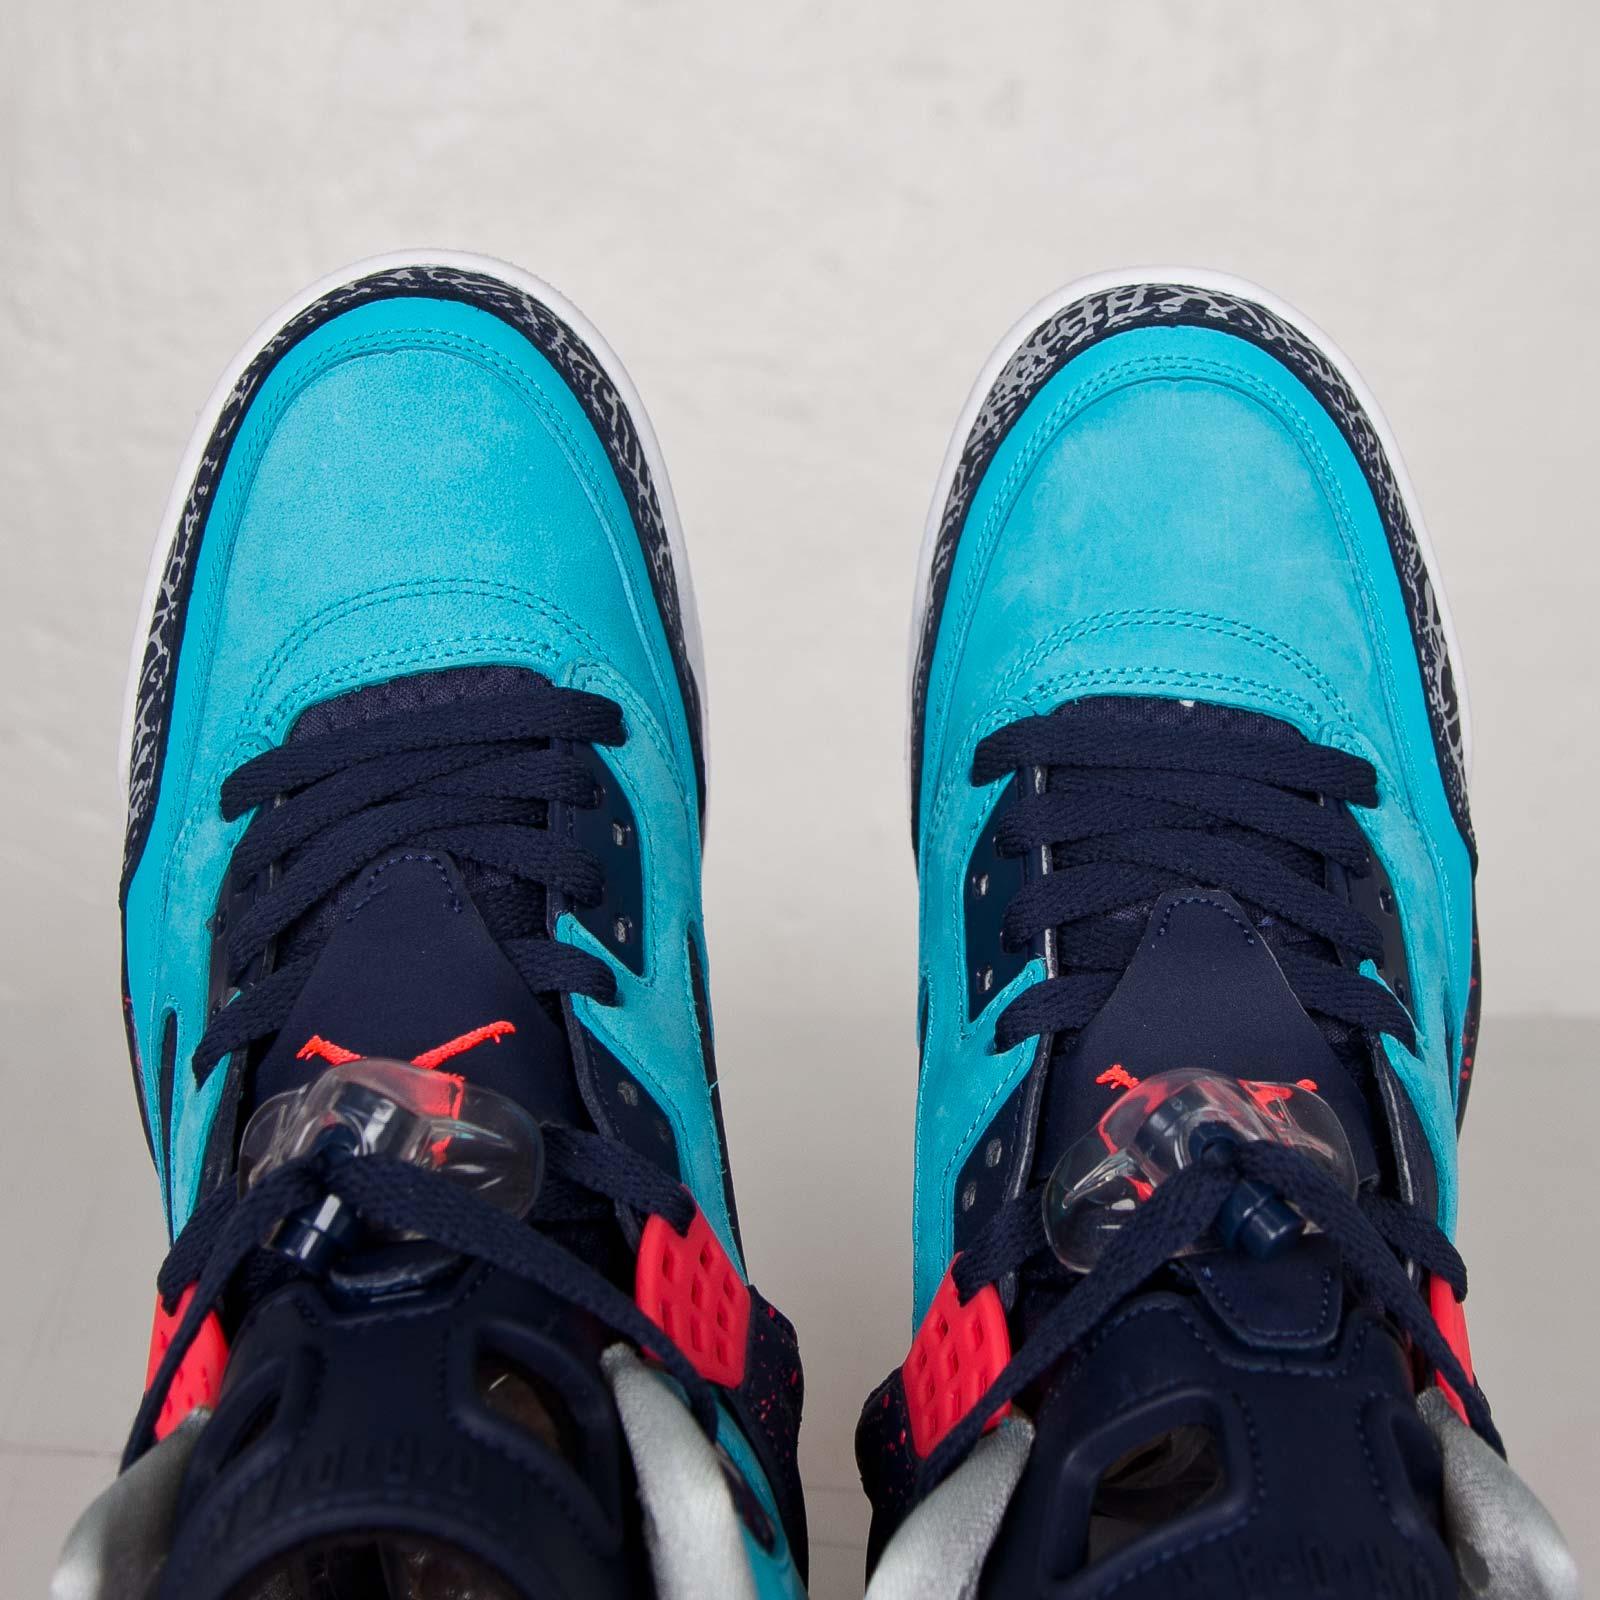 385285c822d Jordan Brand Jordan Spizike - 315371-408 - Sneakersnstuff   sneakers &  streetwear online since 1999